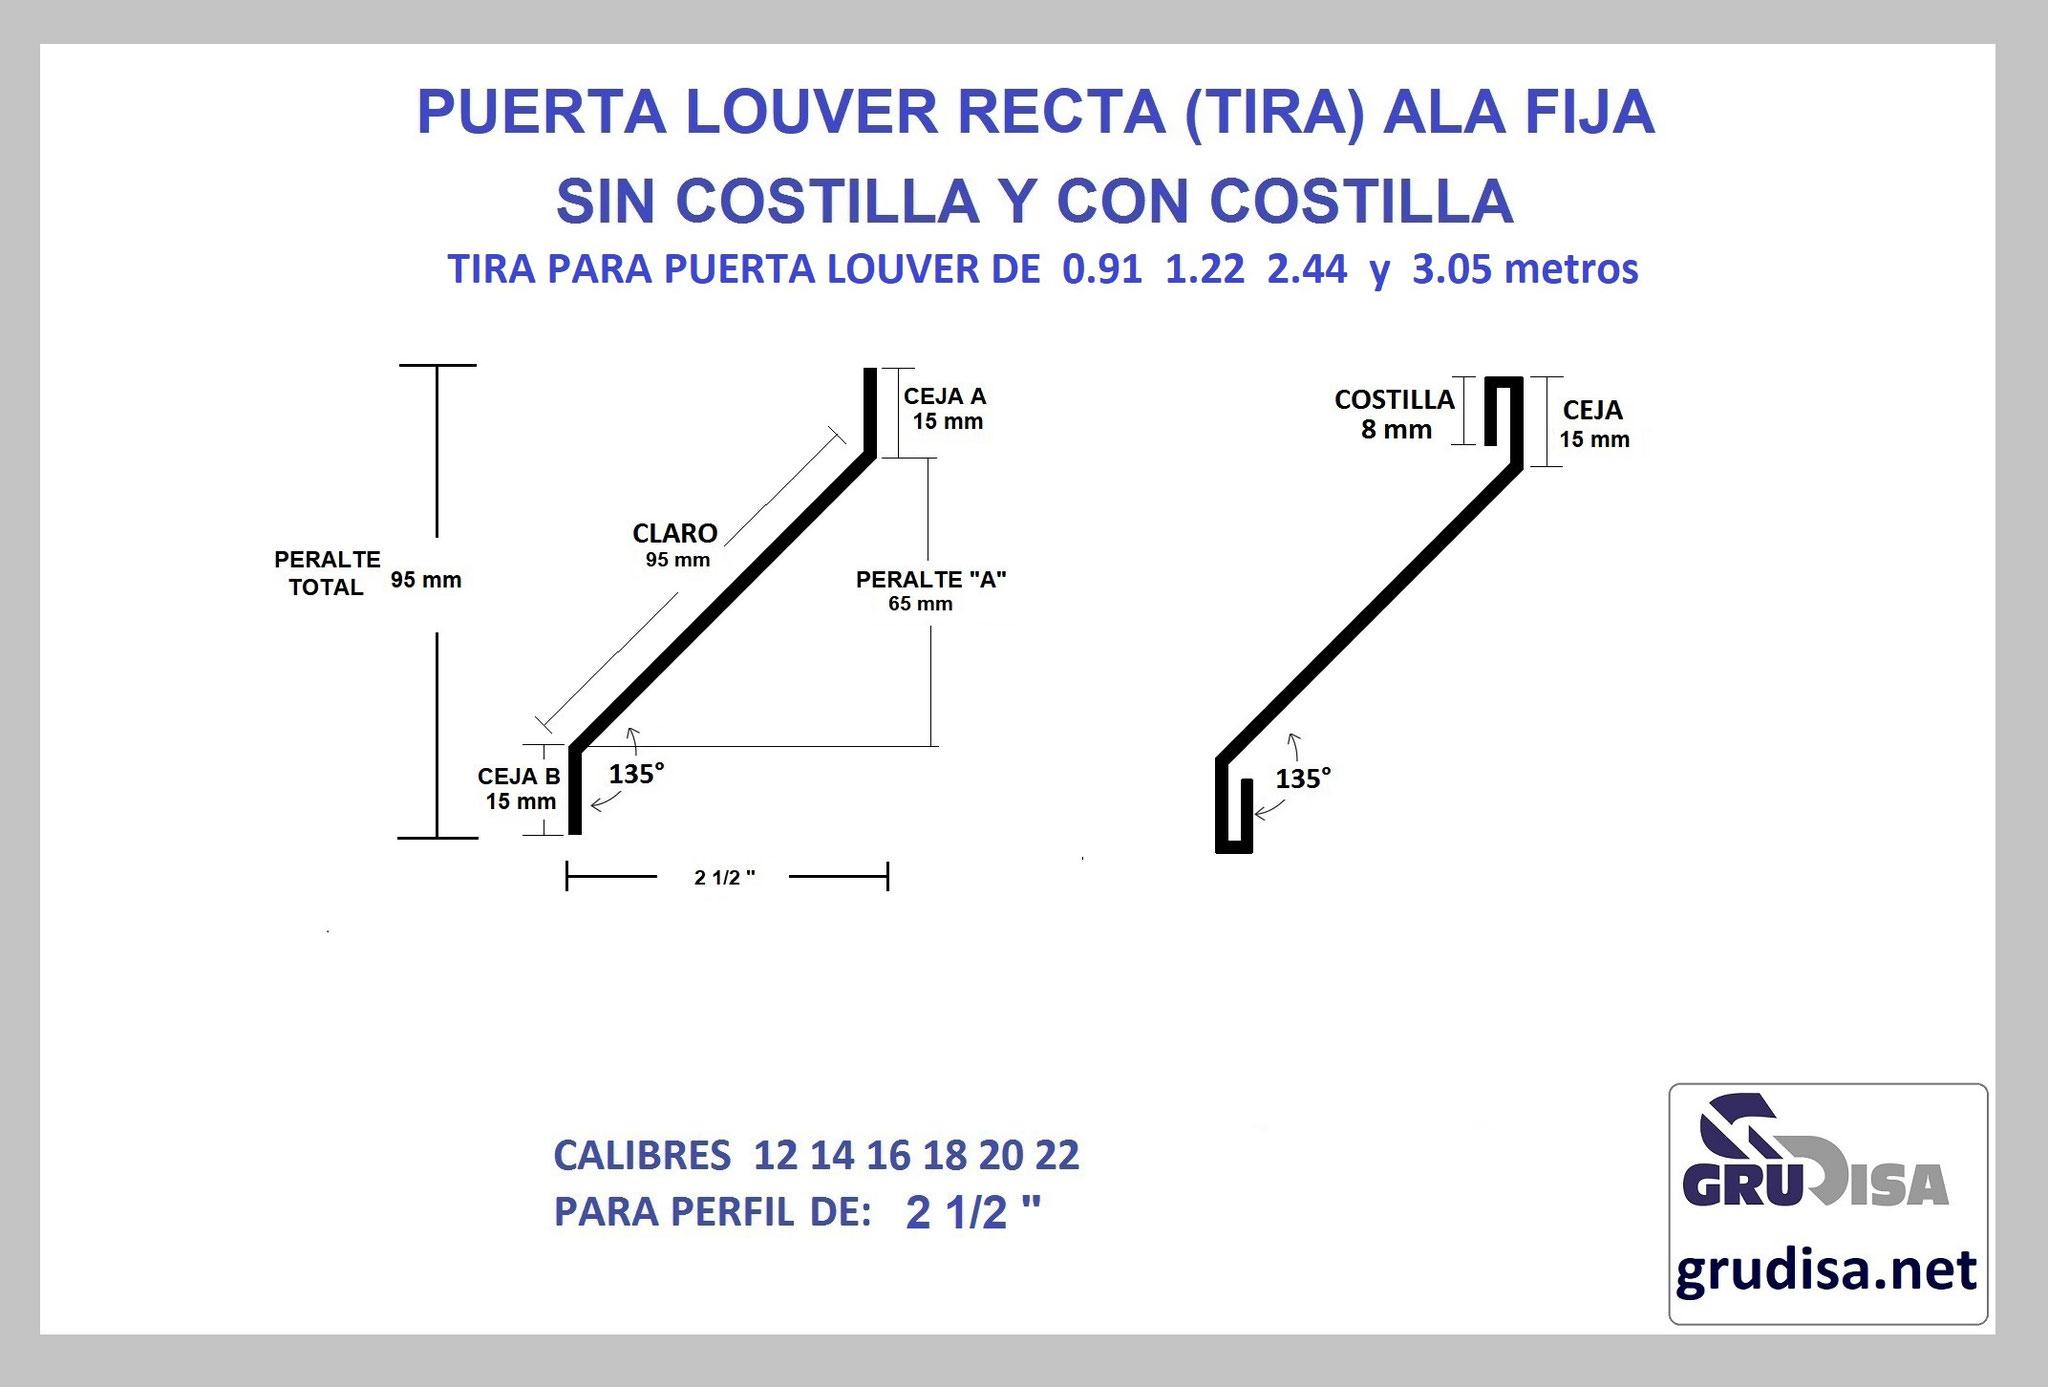 """PUERTA LOUVER (TIRA) MODELO RECTA PARA ARMAR EN PERFIL DE 2 1/2"""""""